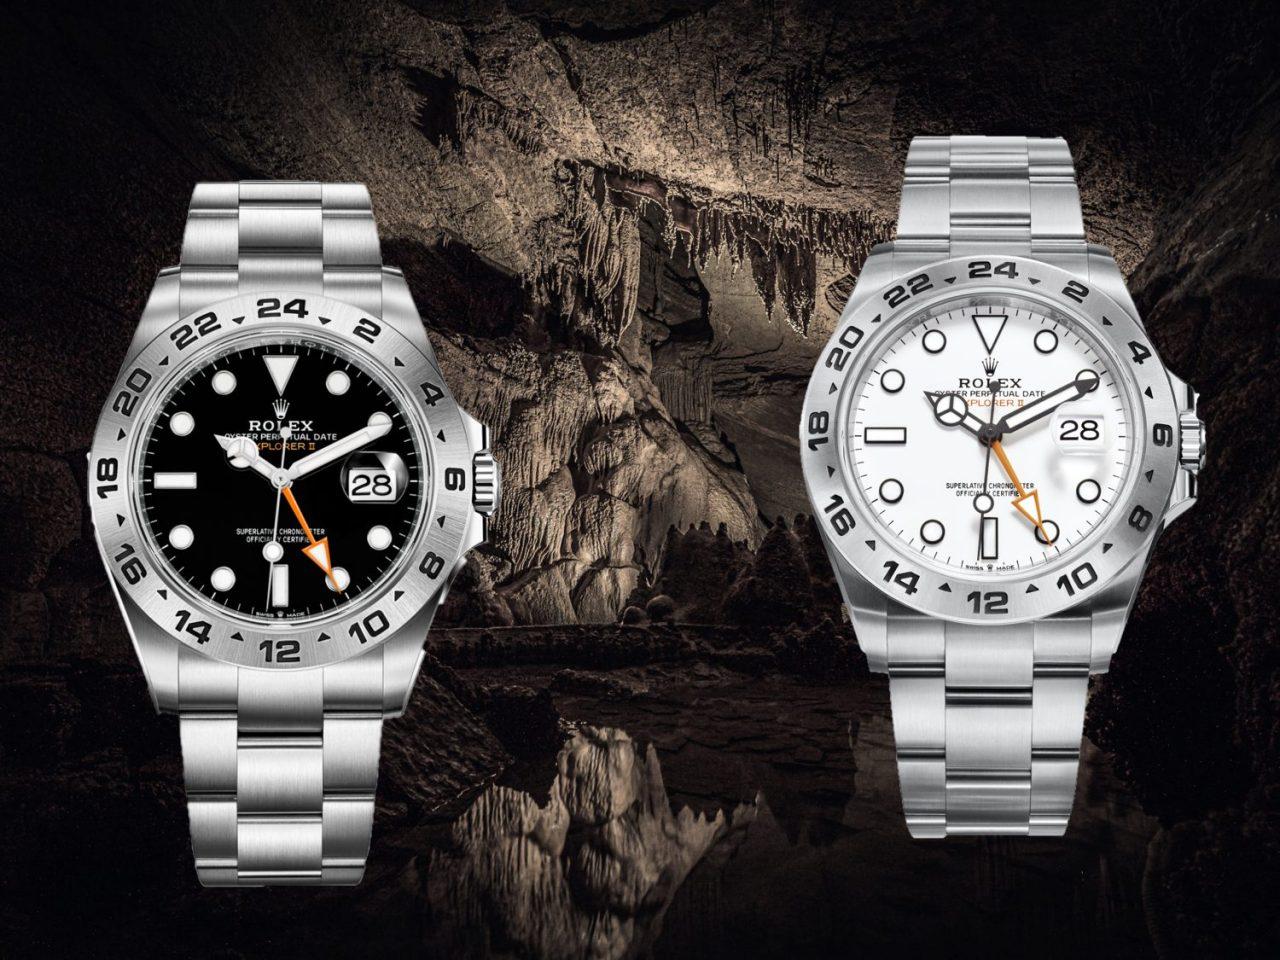 Neue Rolex Explorer II: Alles über die Referenz 226570 und ihre Geschichte